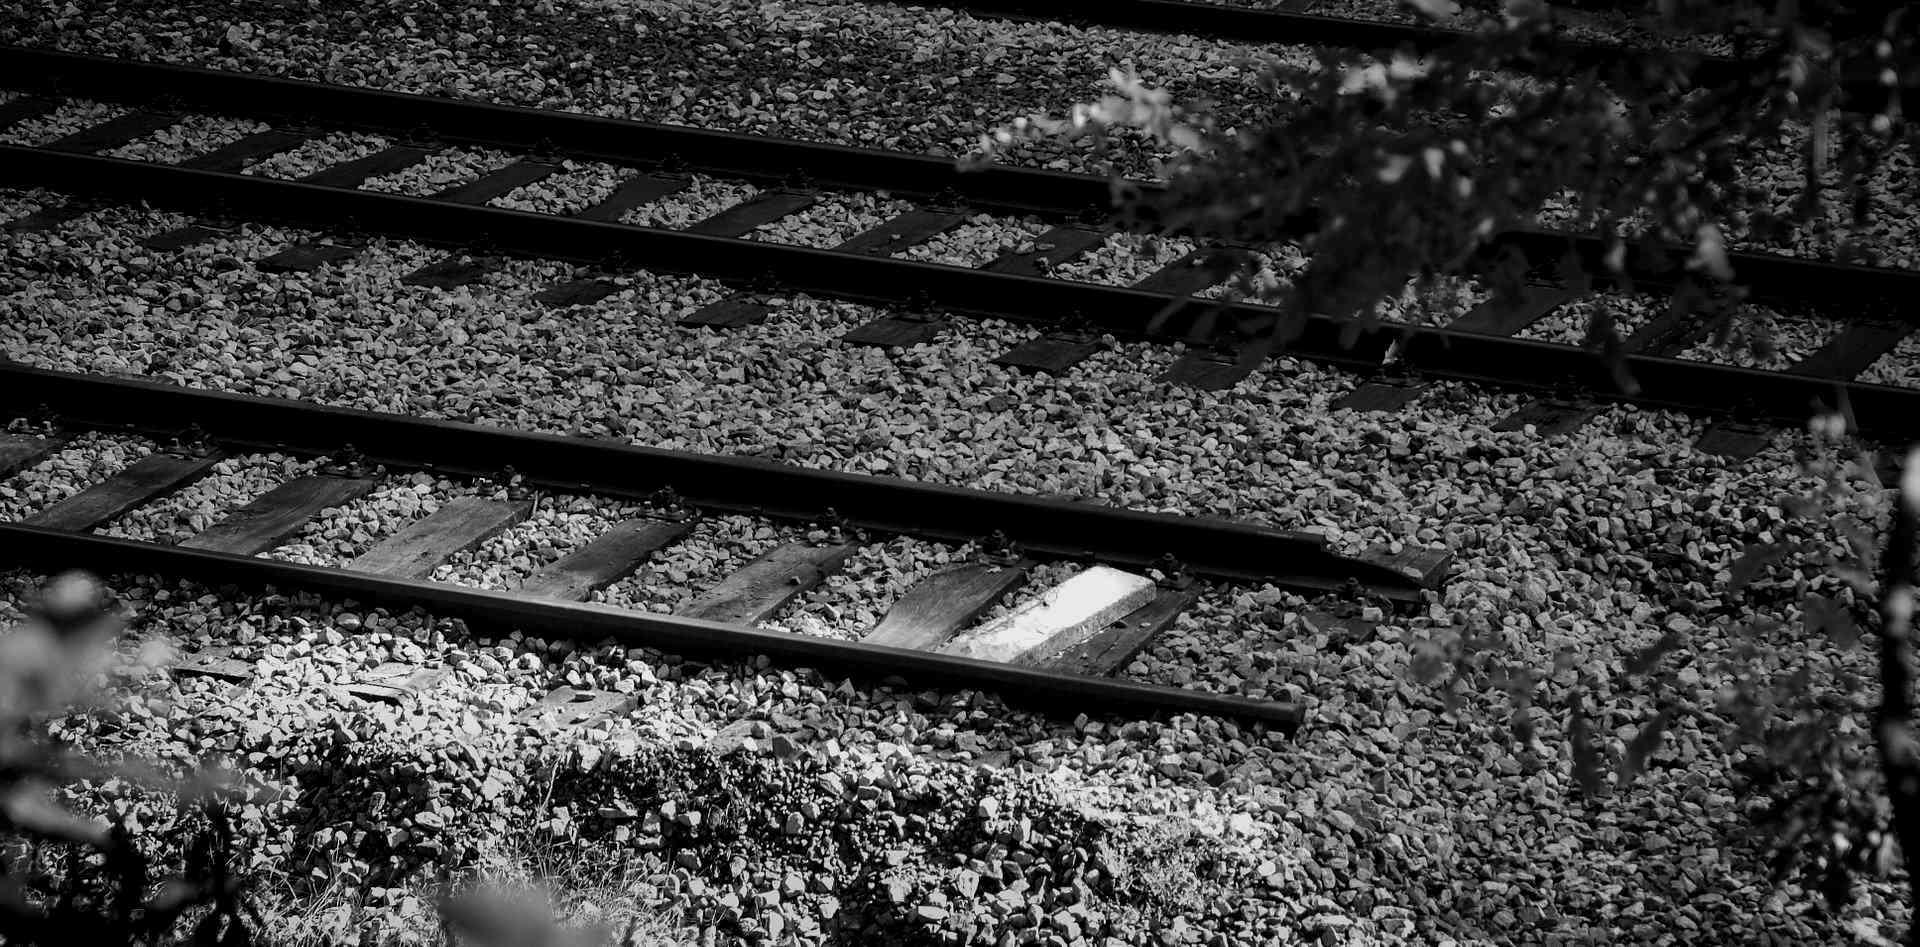 Das Ende einer Eisenbahnstrecke analog zum Ende der Motivation